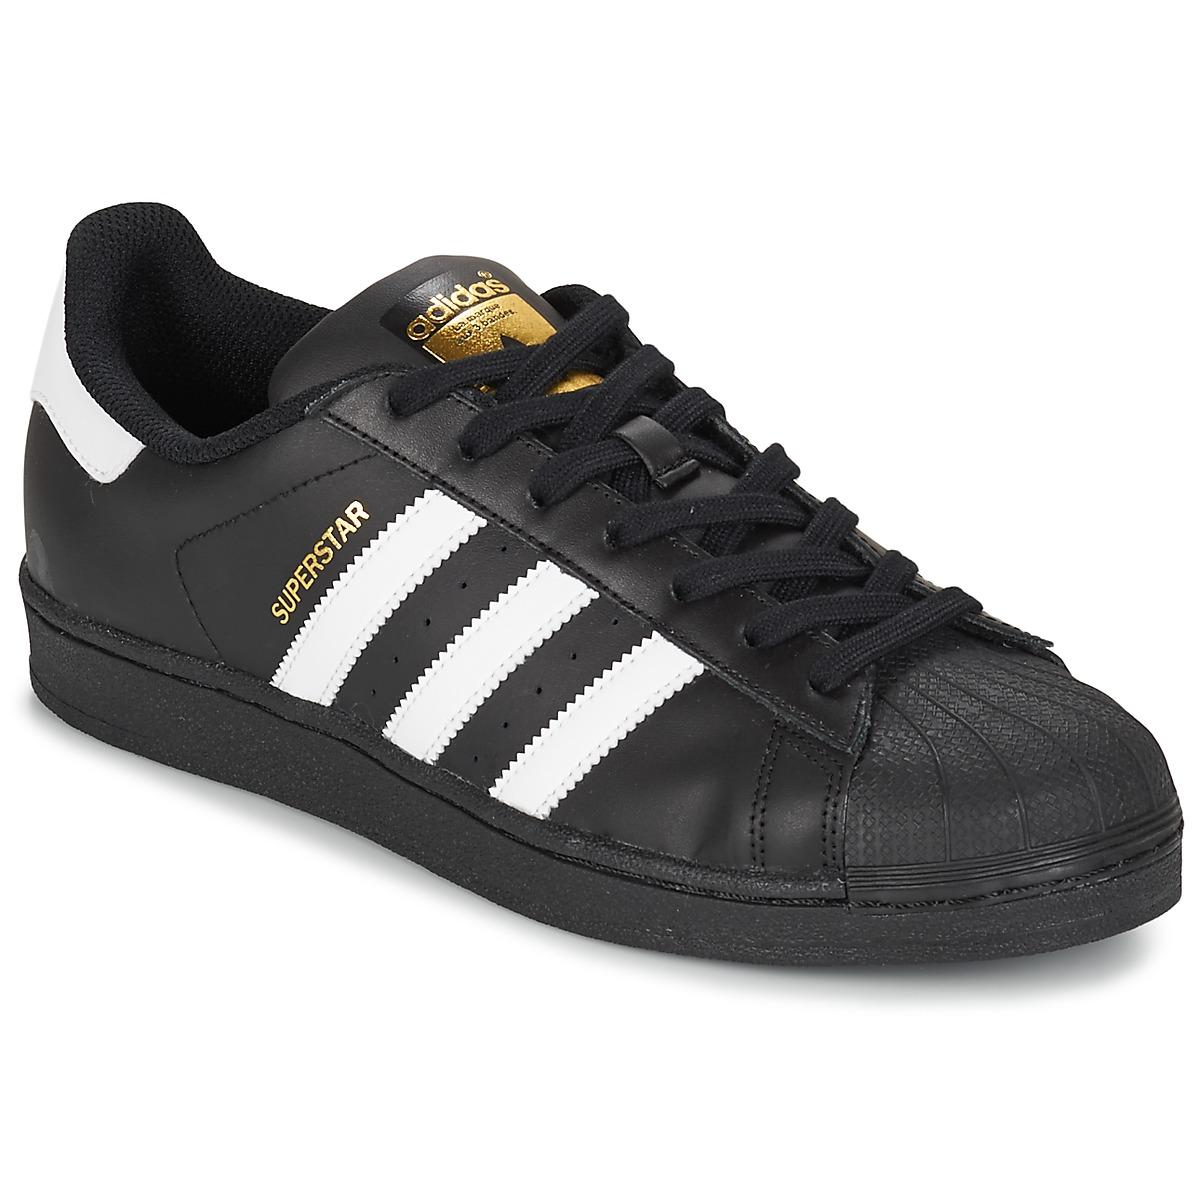 adidas Originals SUPERSTAR FOUNDATION Weiss / Schwarz - Kostenloser Versand bei Spartoode ! - Schuhe Sneaker Low Herren 79,96 €